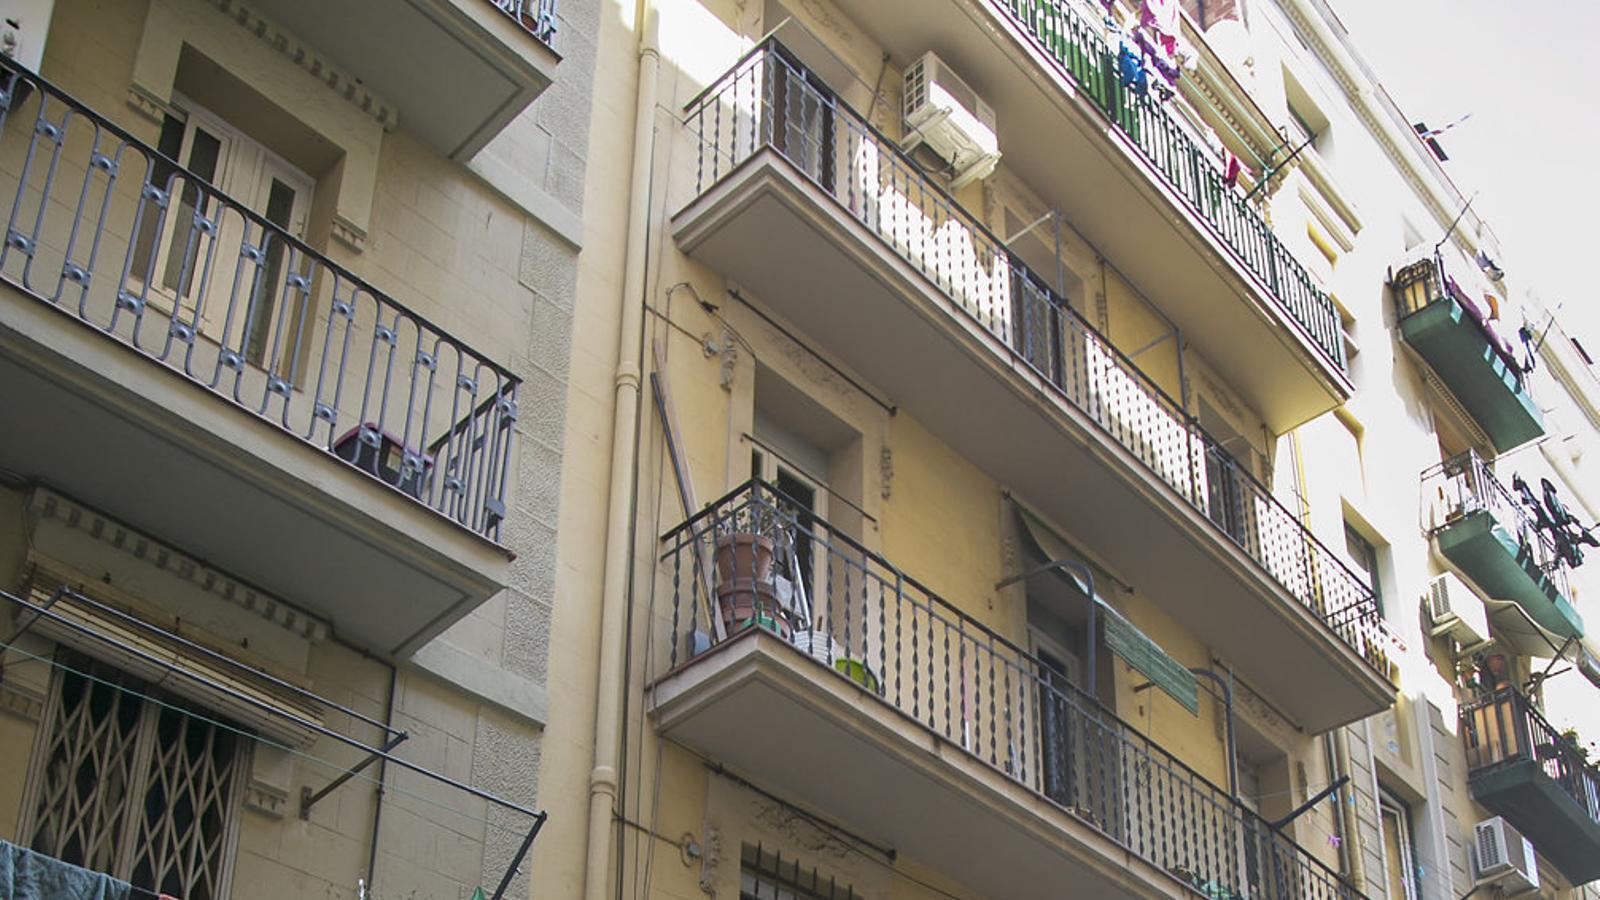 Airbnb empeny el negoci de pisos sencers, el seu gran escull a Barcelona